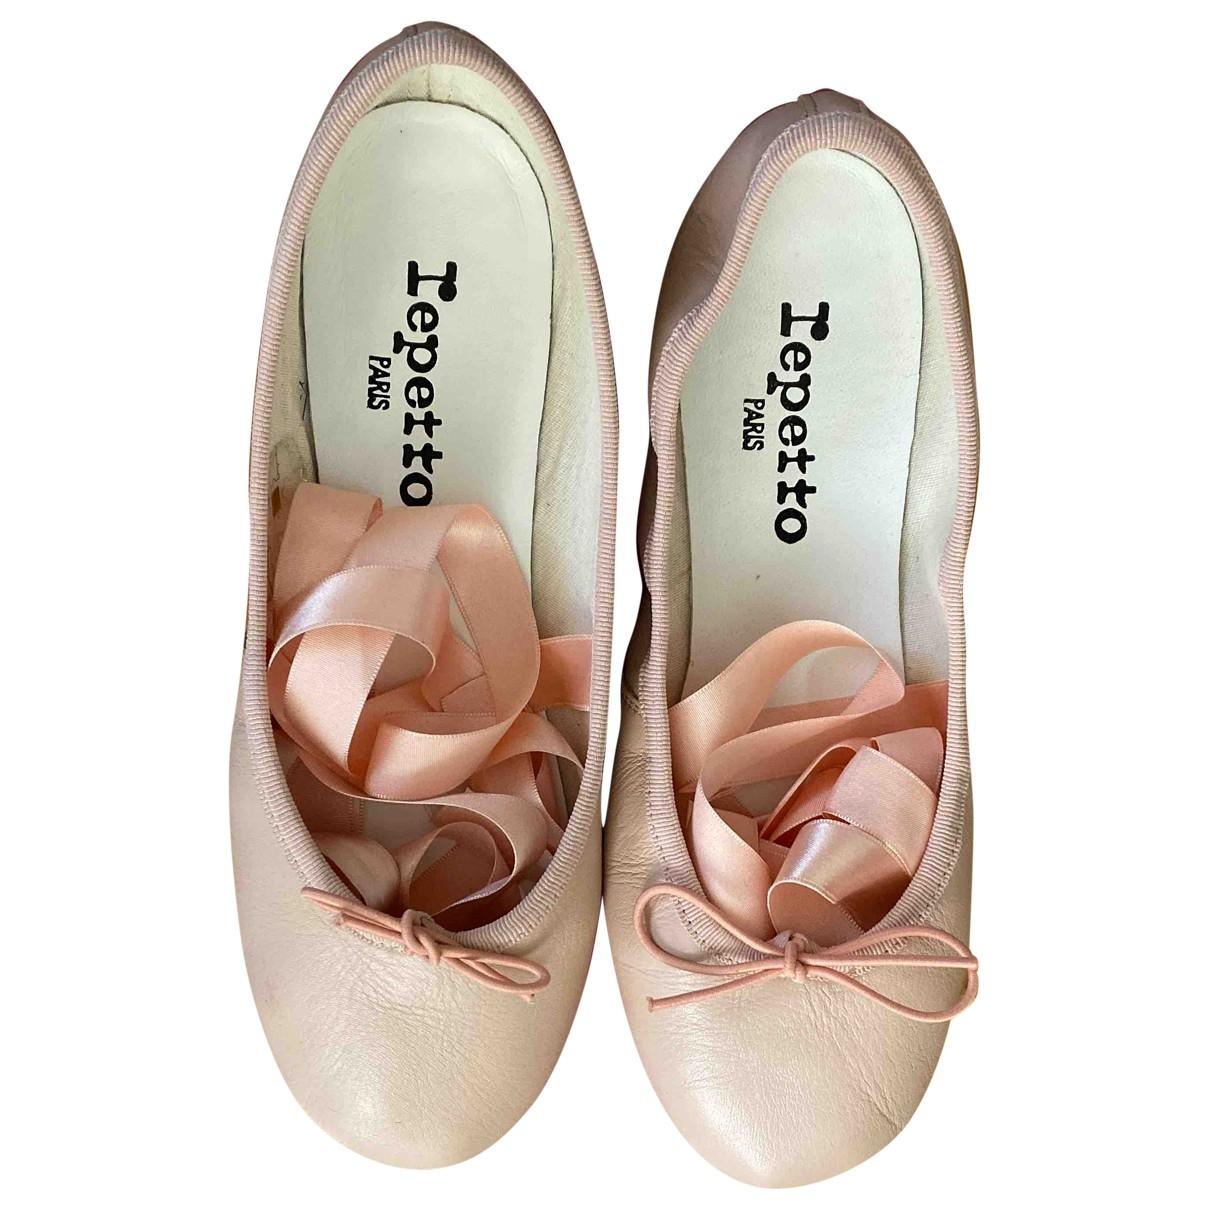 Bailarinas de Cuero Repetto